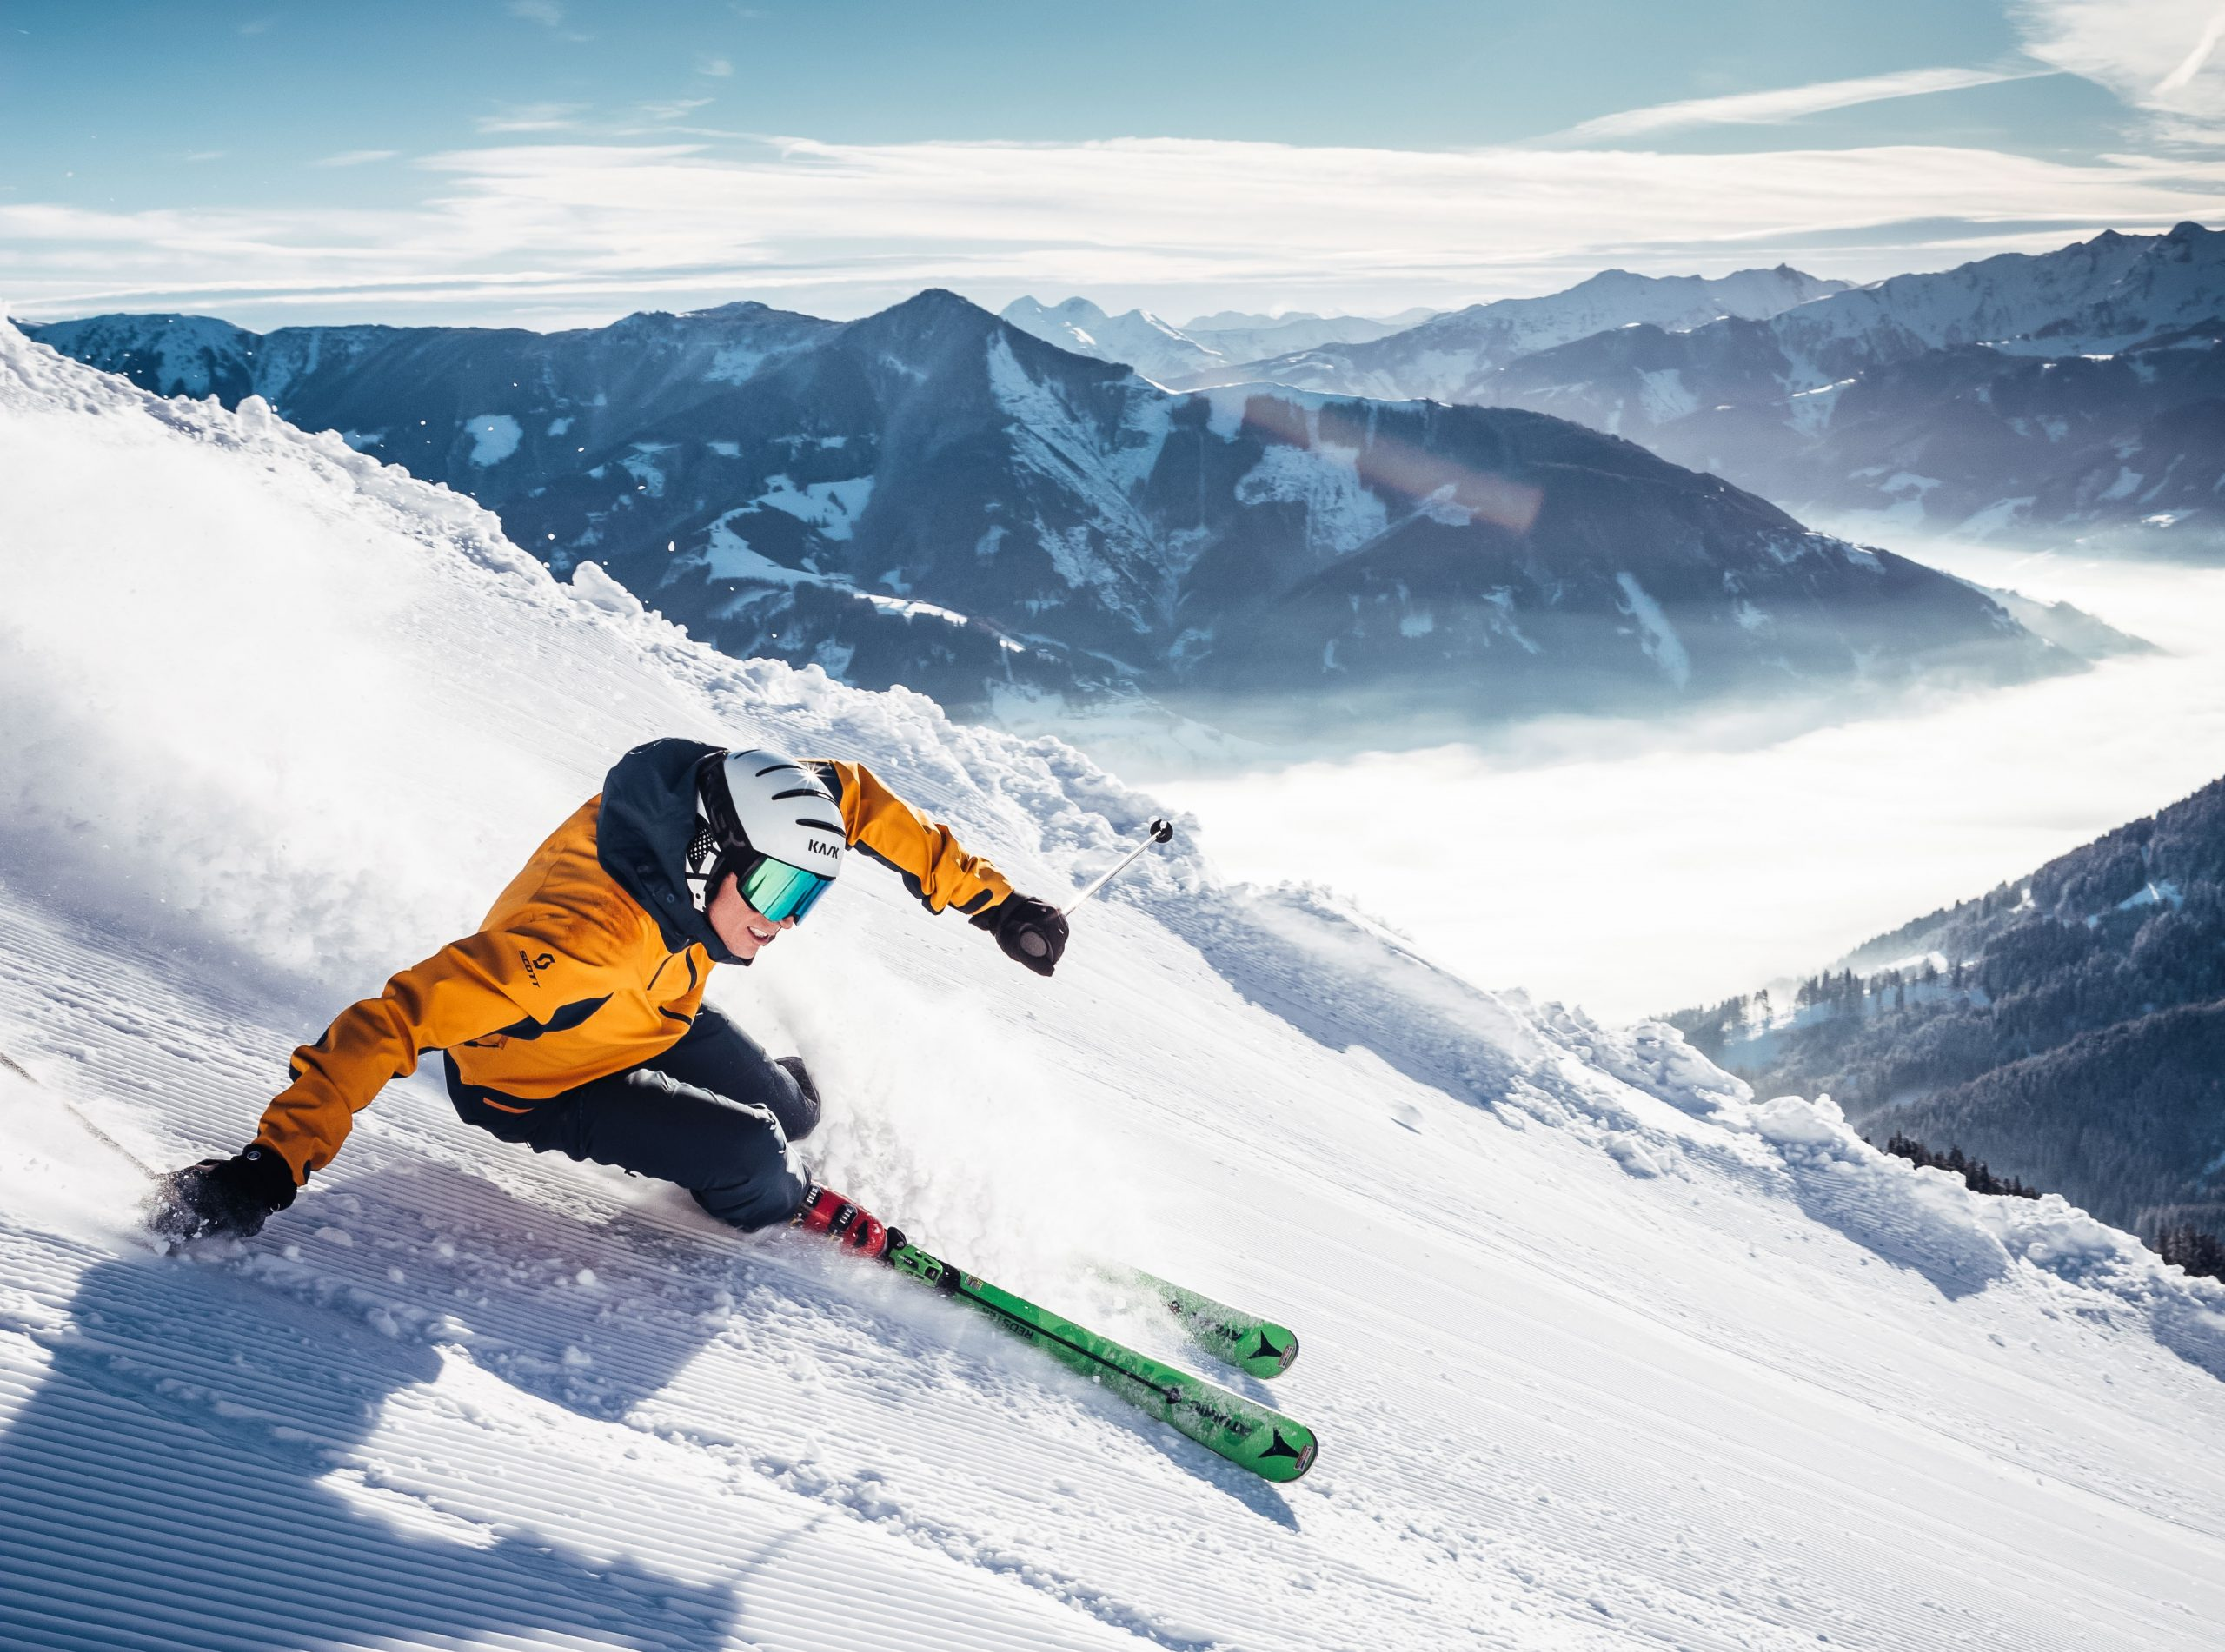 Nogle skisportssteder og rejsearrangører stiller som krav til deres snegaranti, at kunden har tjekket hjemmesiden et bestemt antal dage før afrejse. Arkivpressefoto fra ZellamSee Kaprun.com